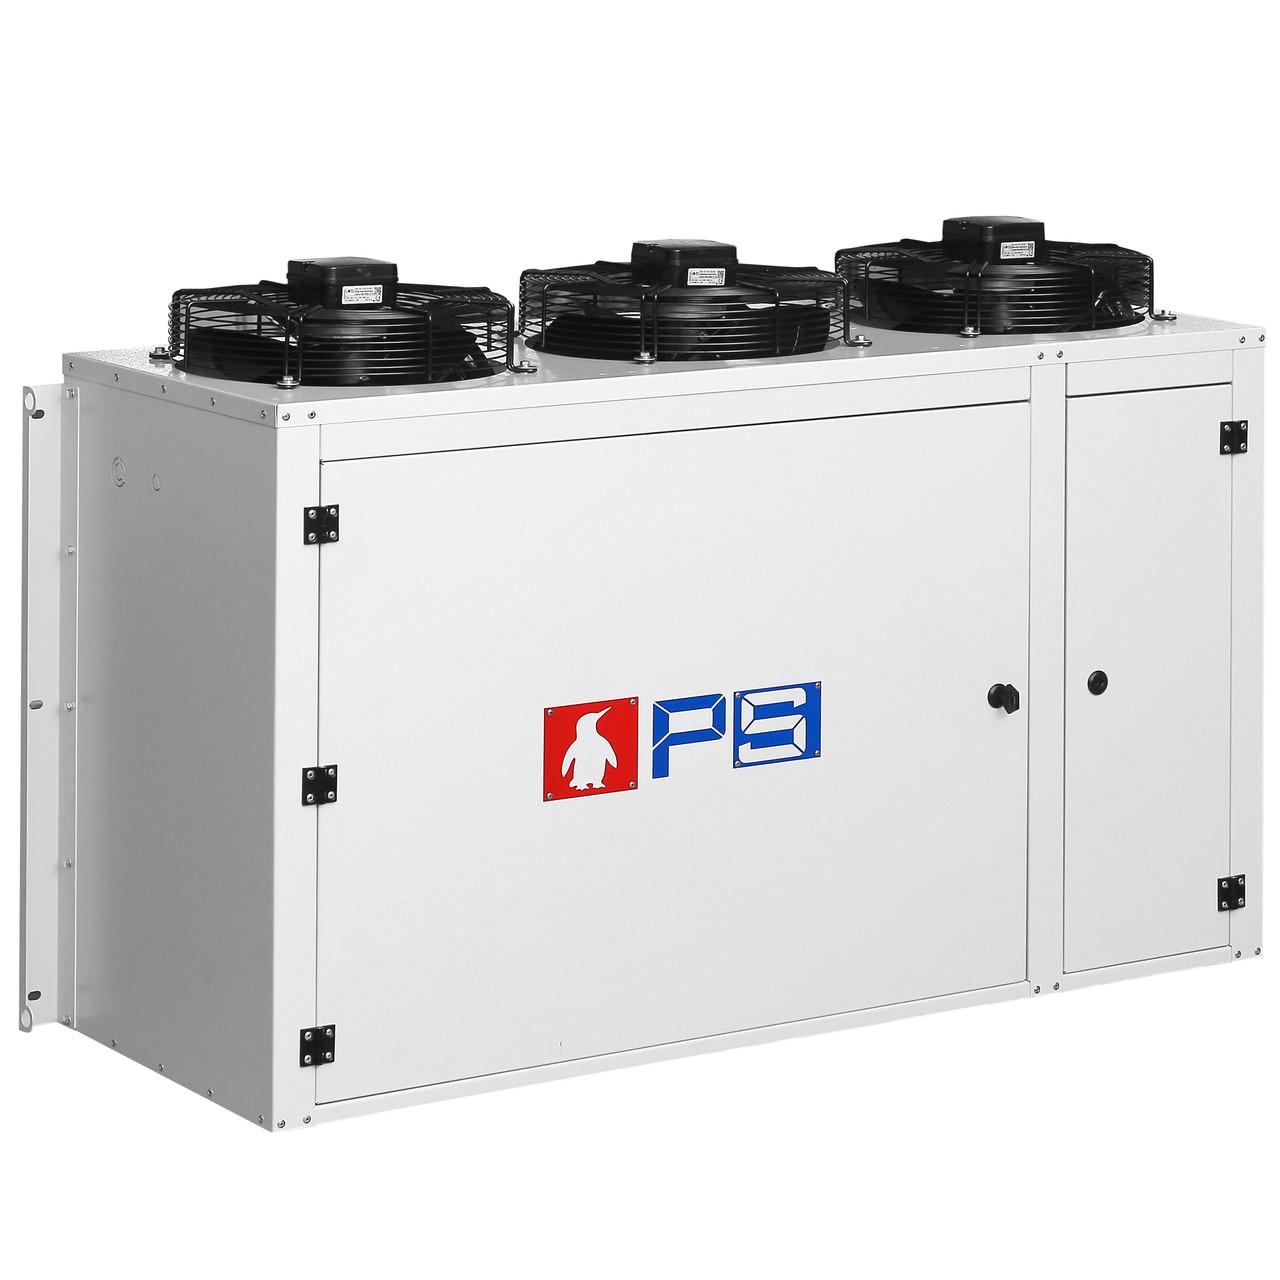 Сплит-система среднетемпературная ПОЛЮС-САР 53-162м³ MGS 455 F S